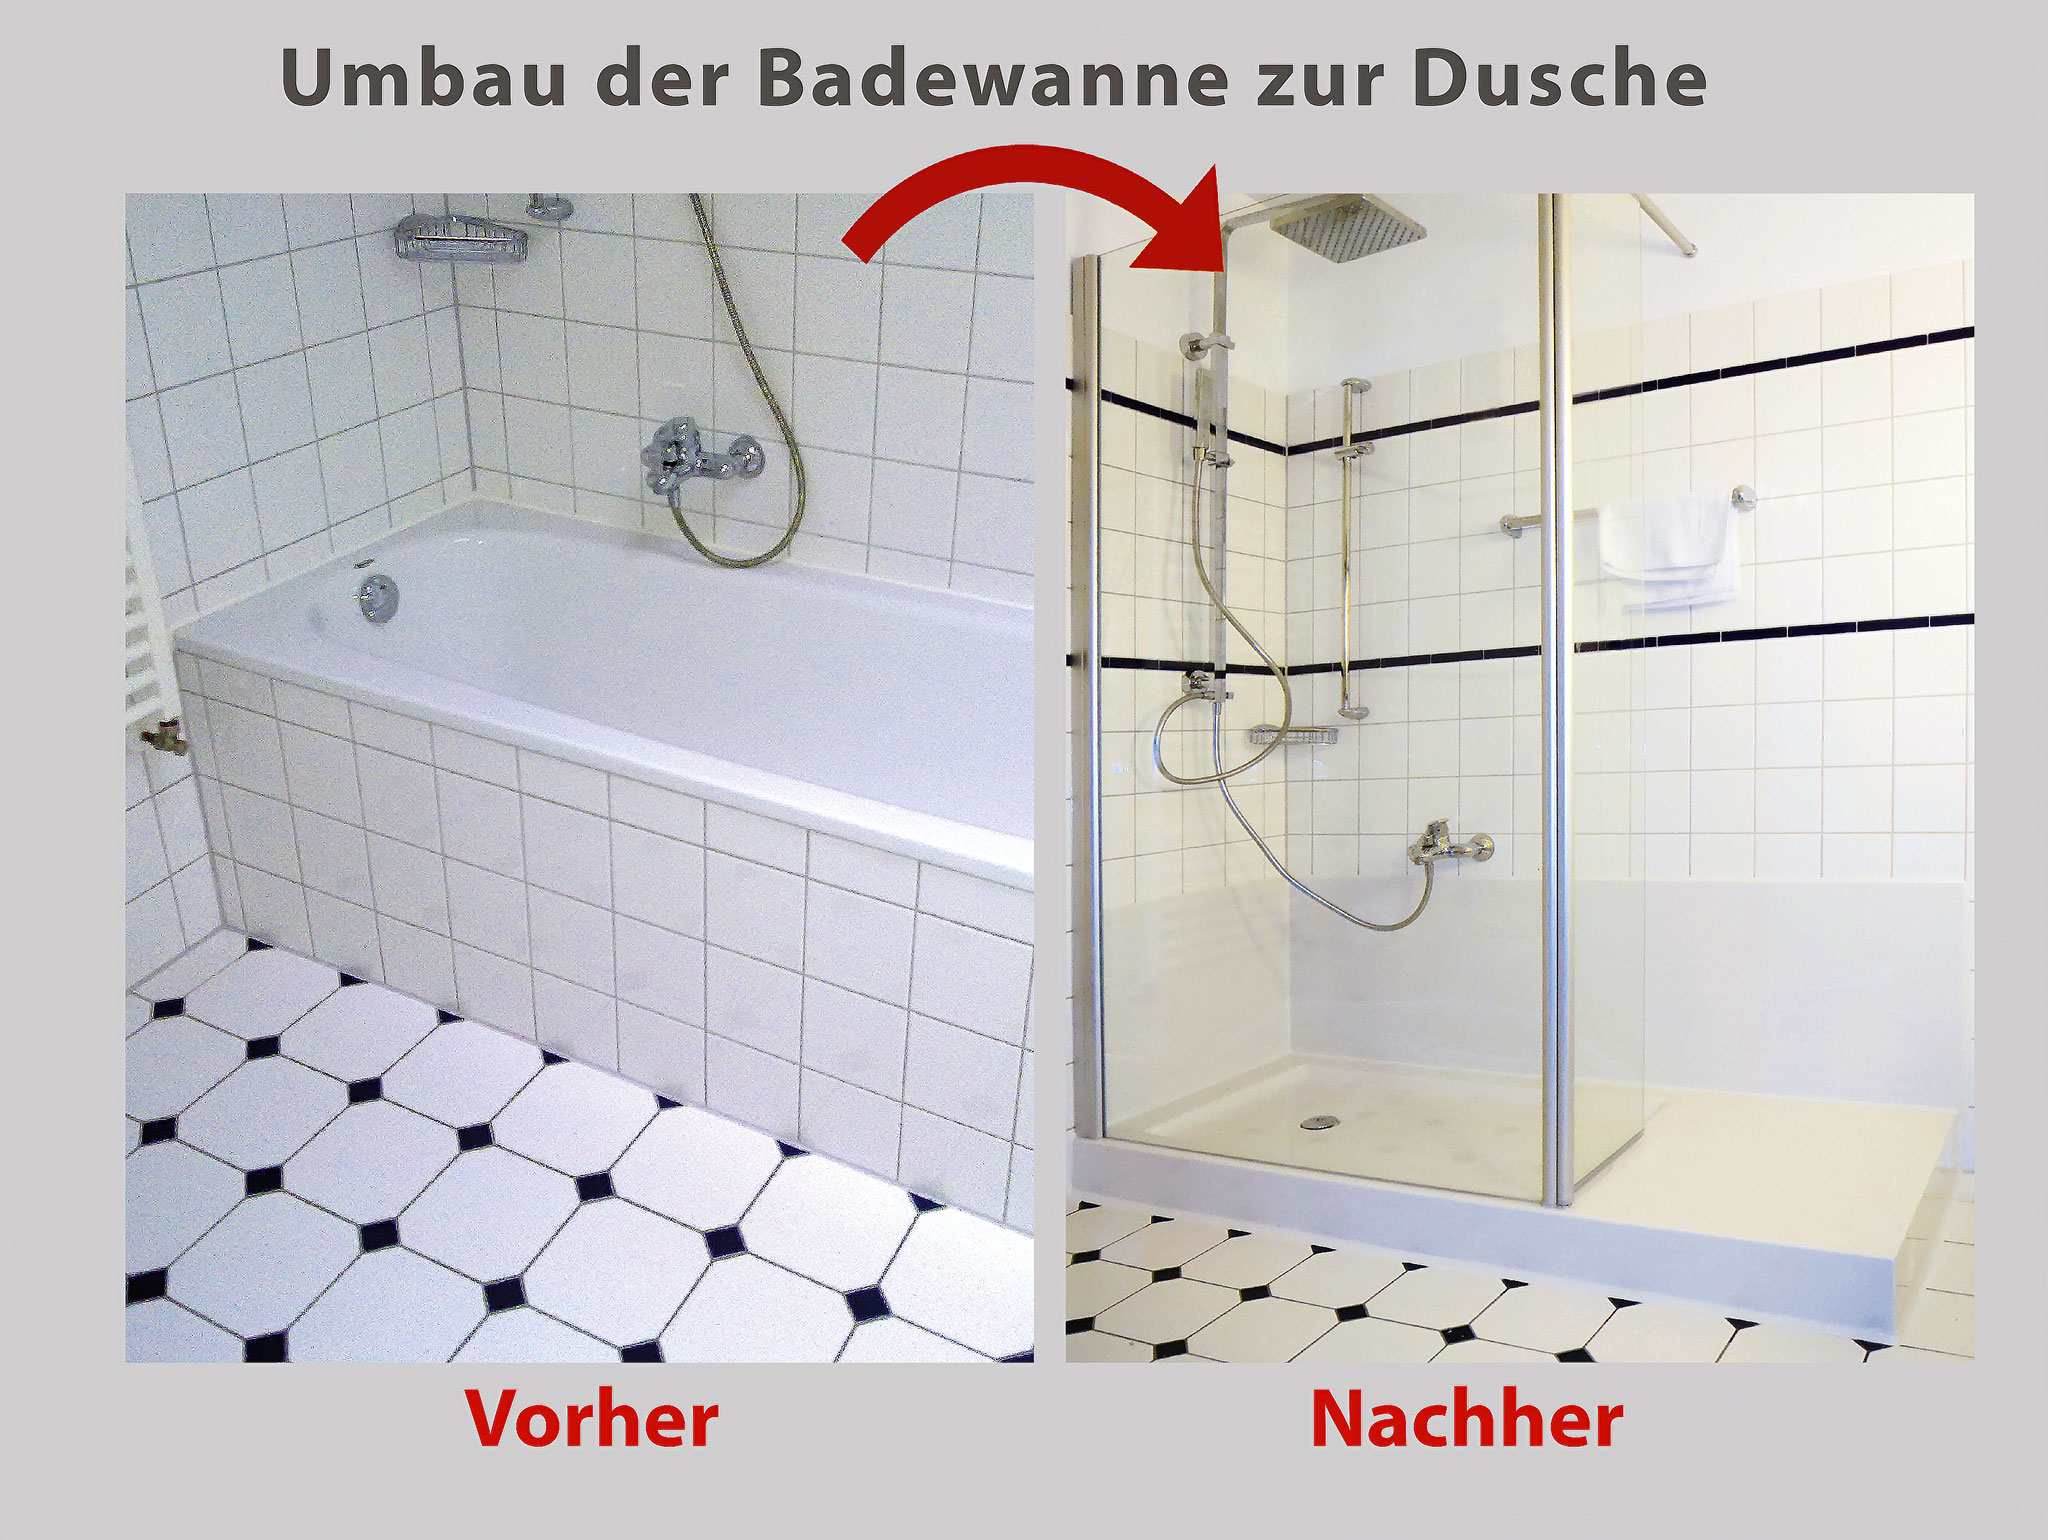 wanne zur dusche badewanne raus dusche rein bad. Black Bedroom Furniture Sets. Home Design Ideas